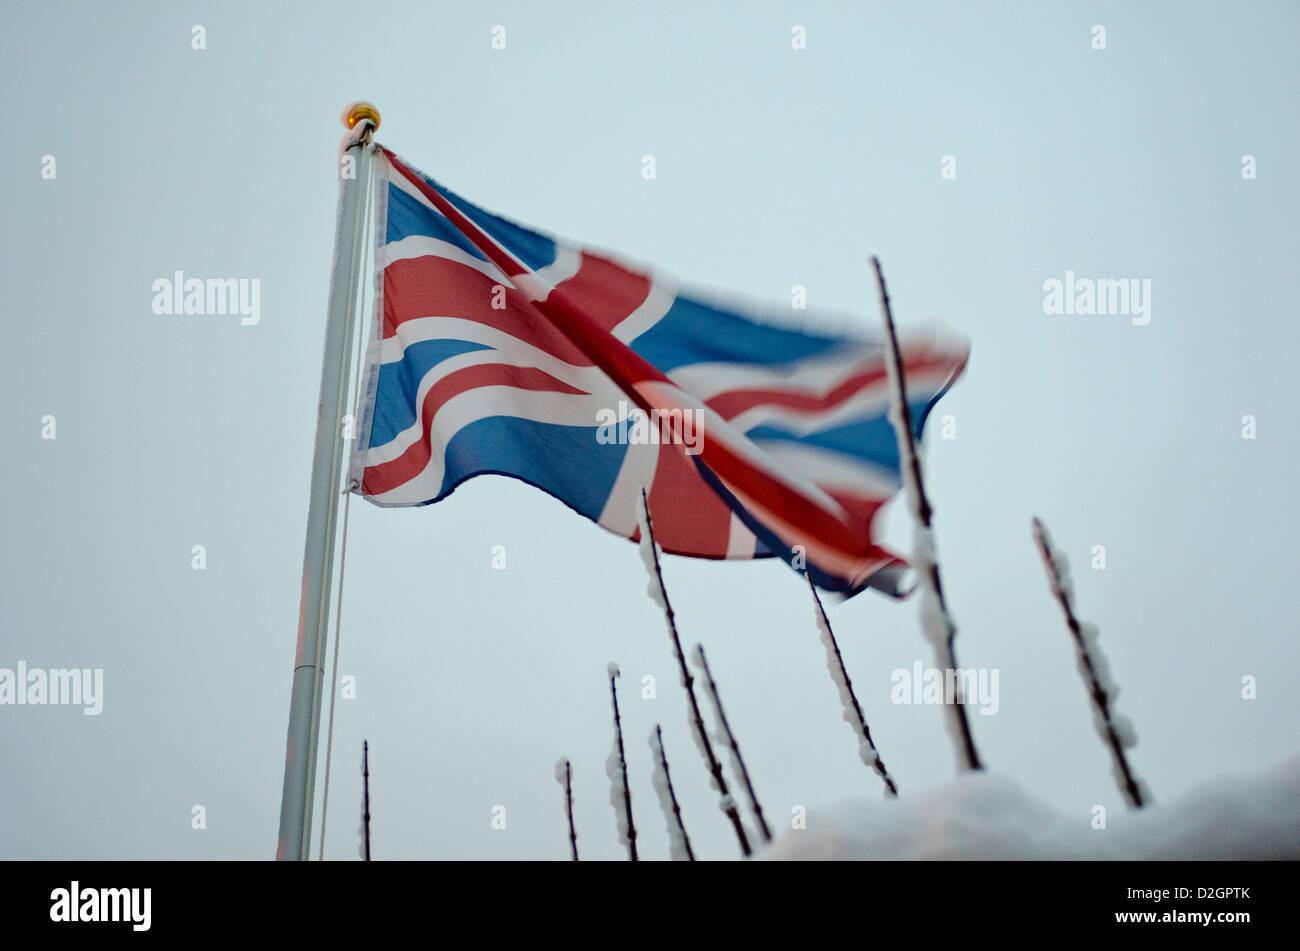 Union Jack flag in presenza di neve Immagini Stock